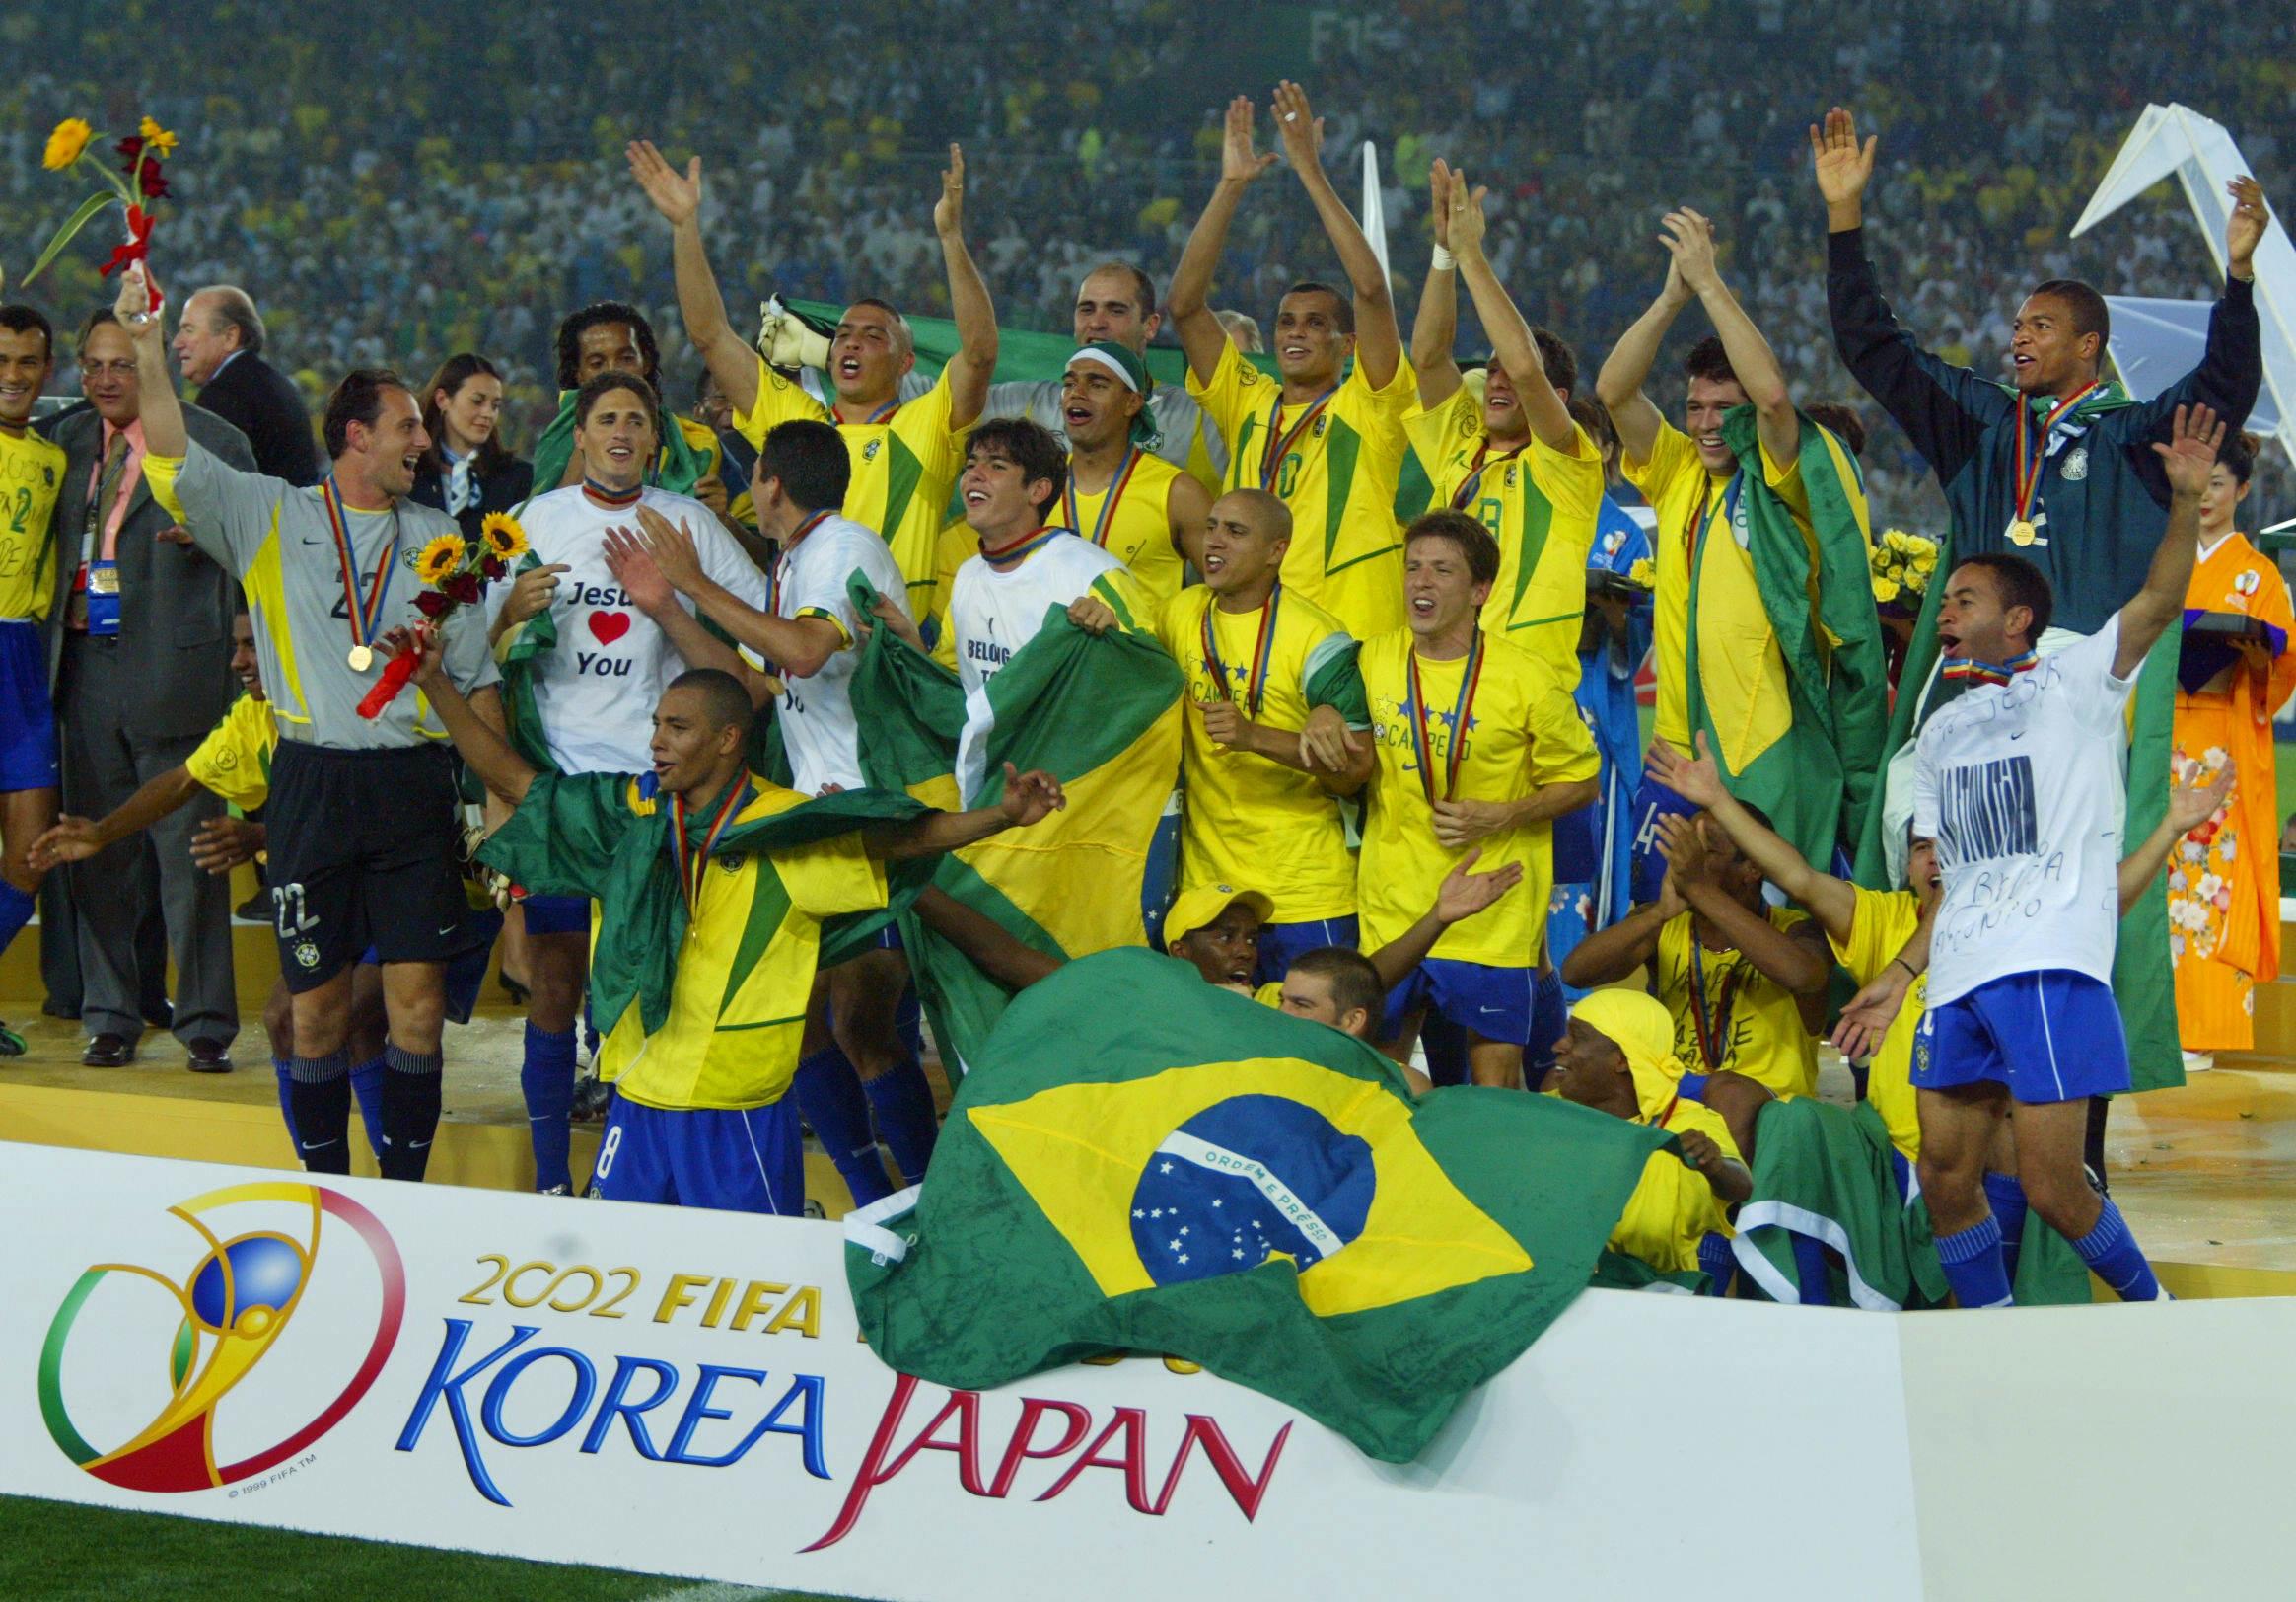 Brasil penta 2002